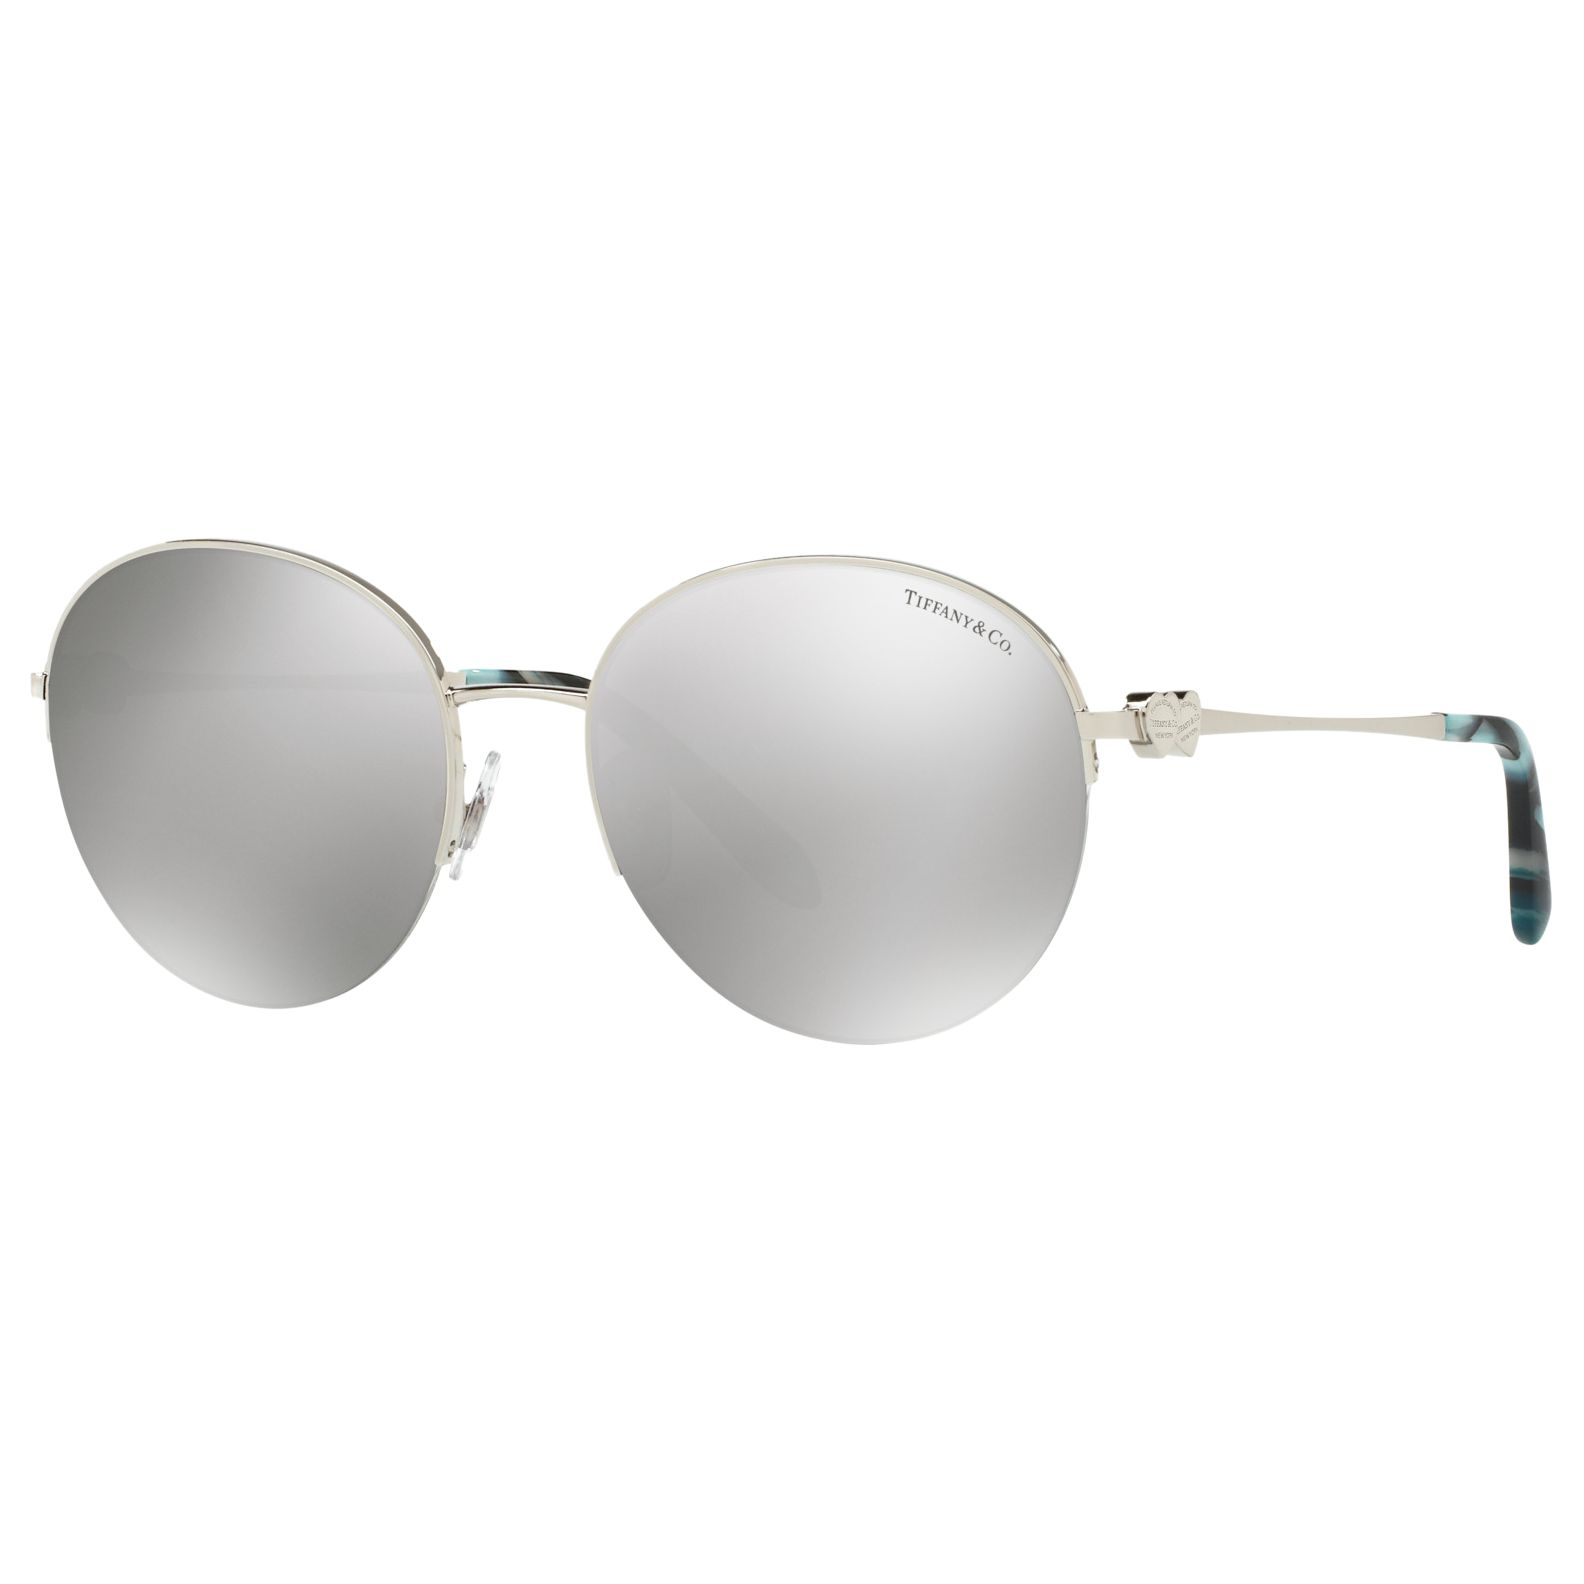 Tiffany & Co Tiffany & Co TF3053 Round Sunglasses